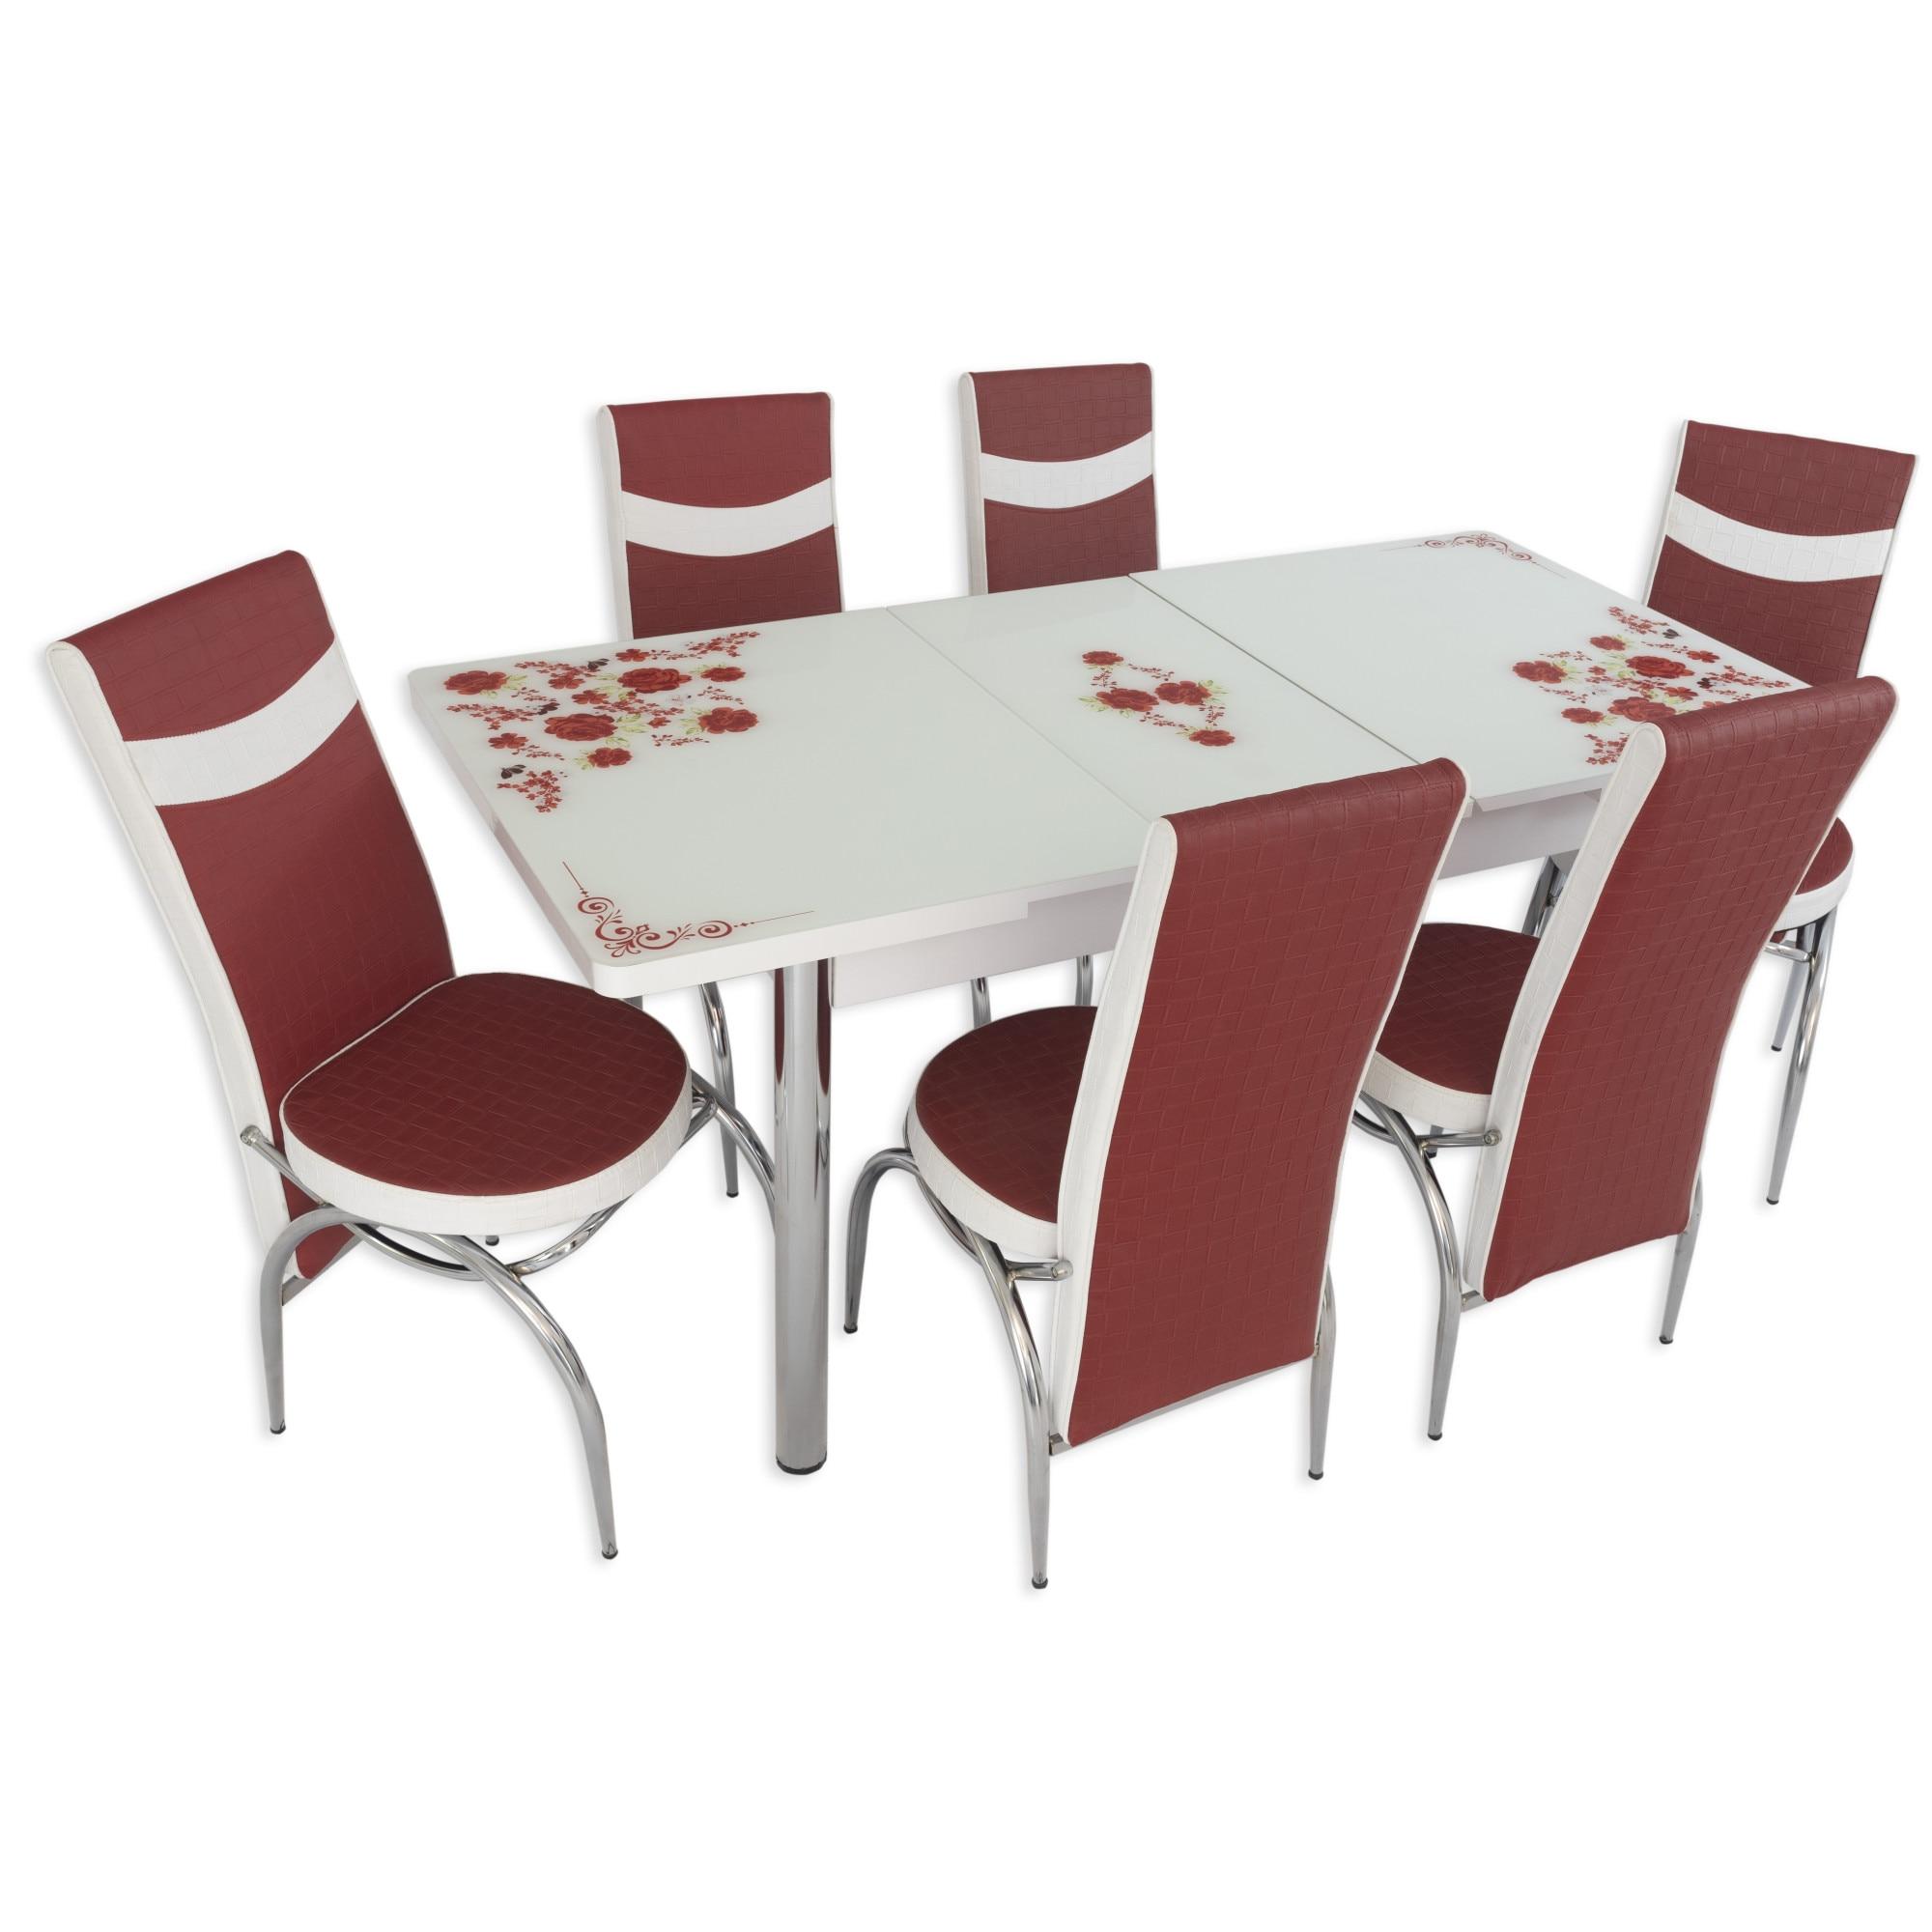 Viziune îmbunătățită la masă - Masa de viziune